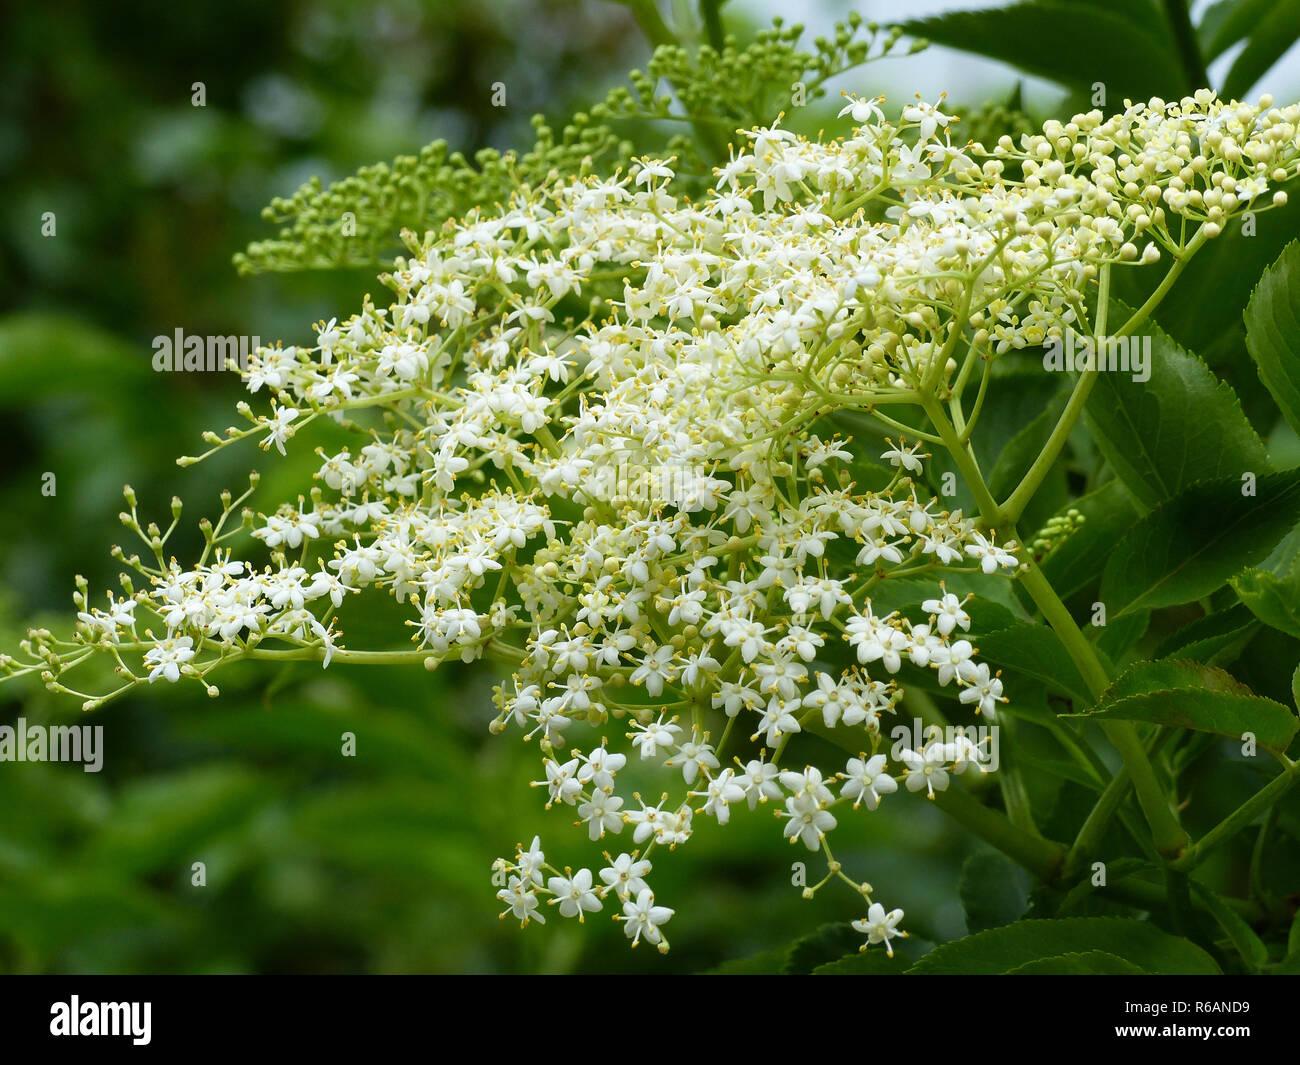 Elderflower Blossom, Sambucus Nigra - Stock Image